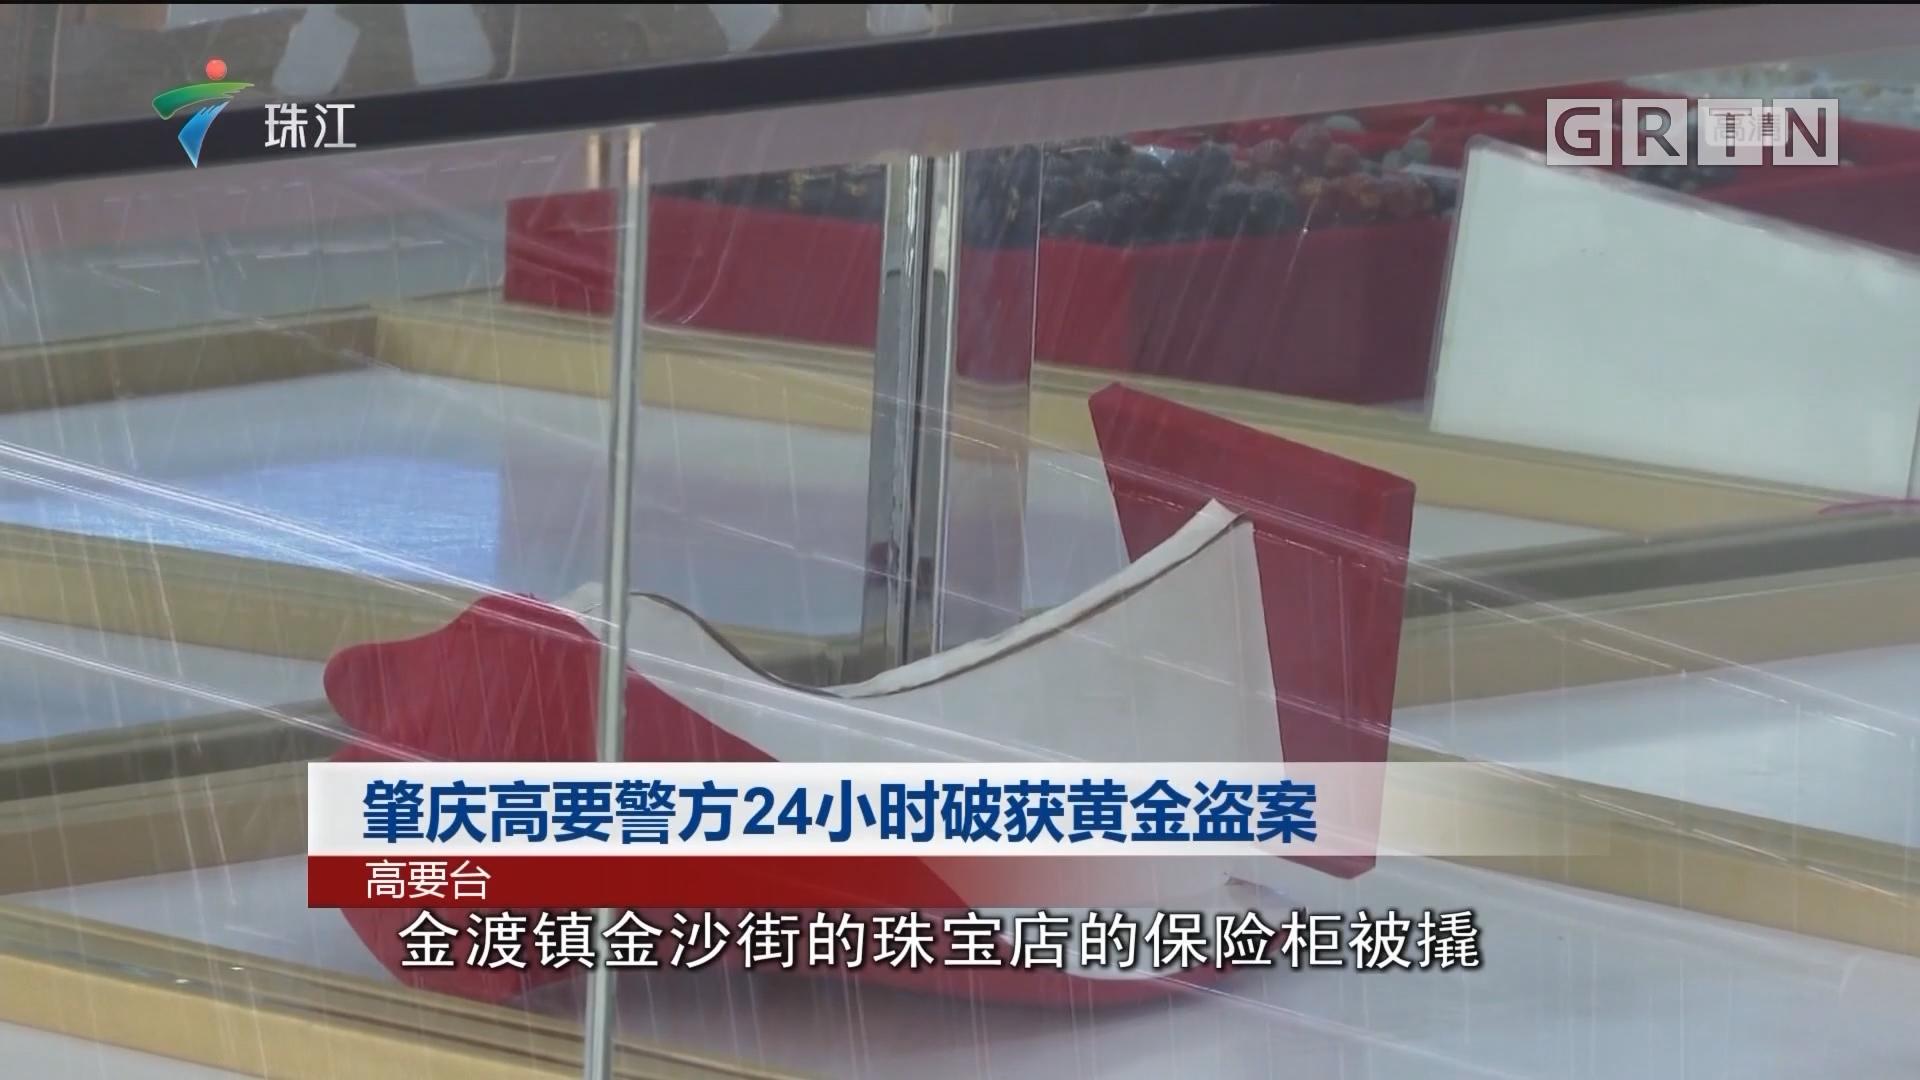 肇庆高要警方24小时破获黄金盗案